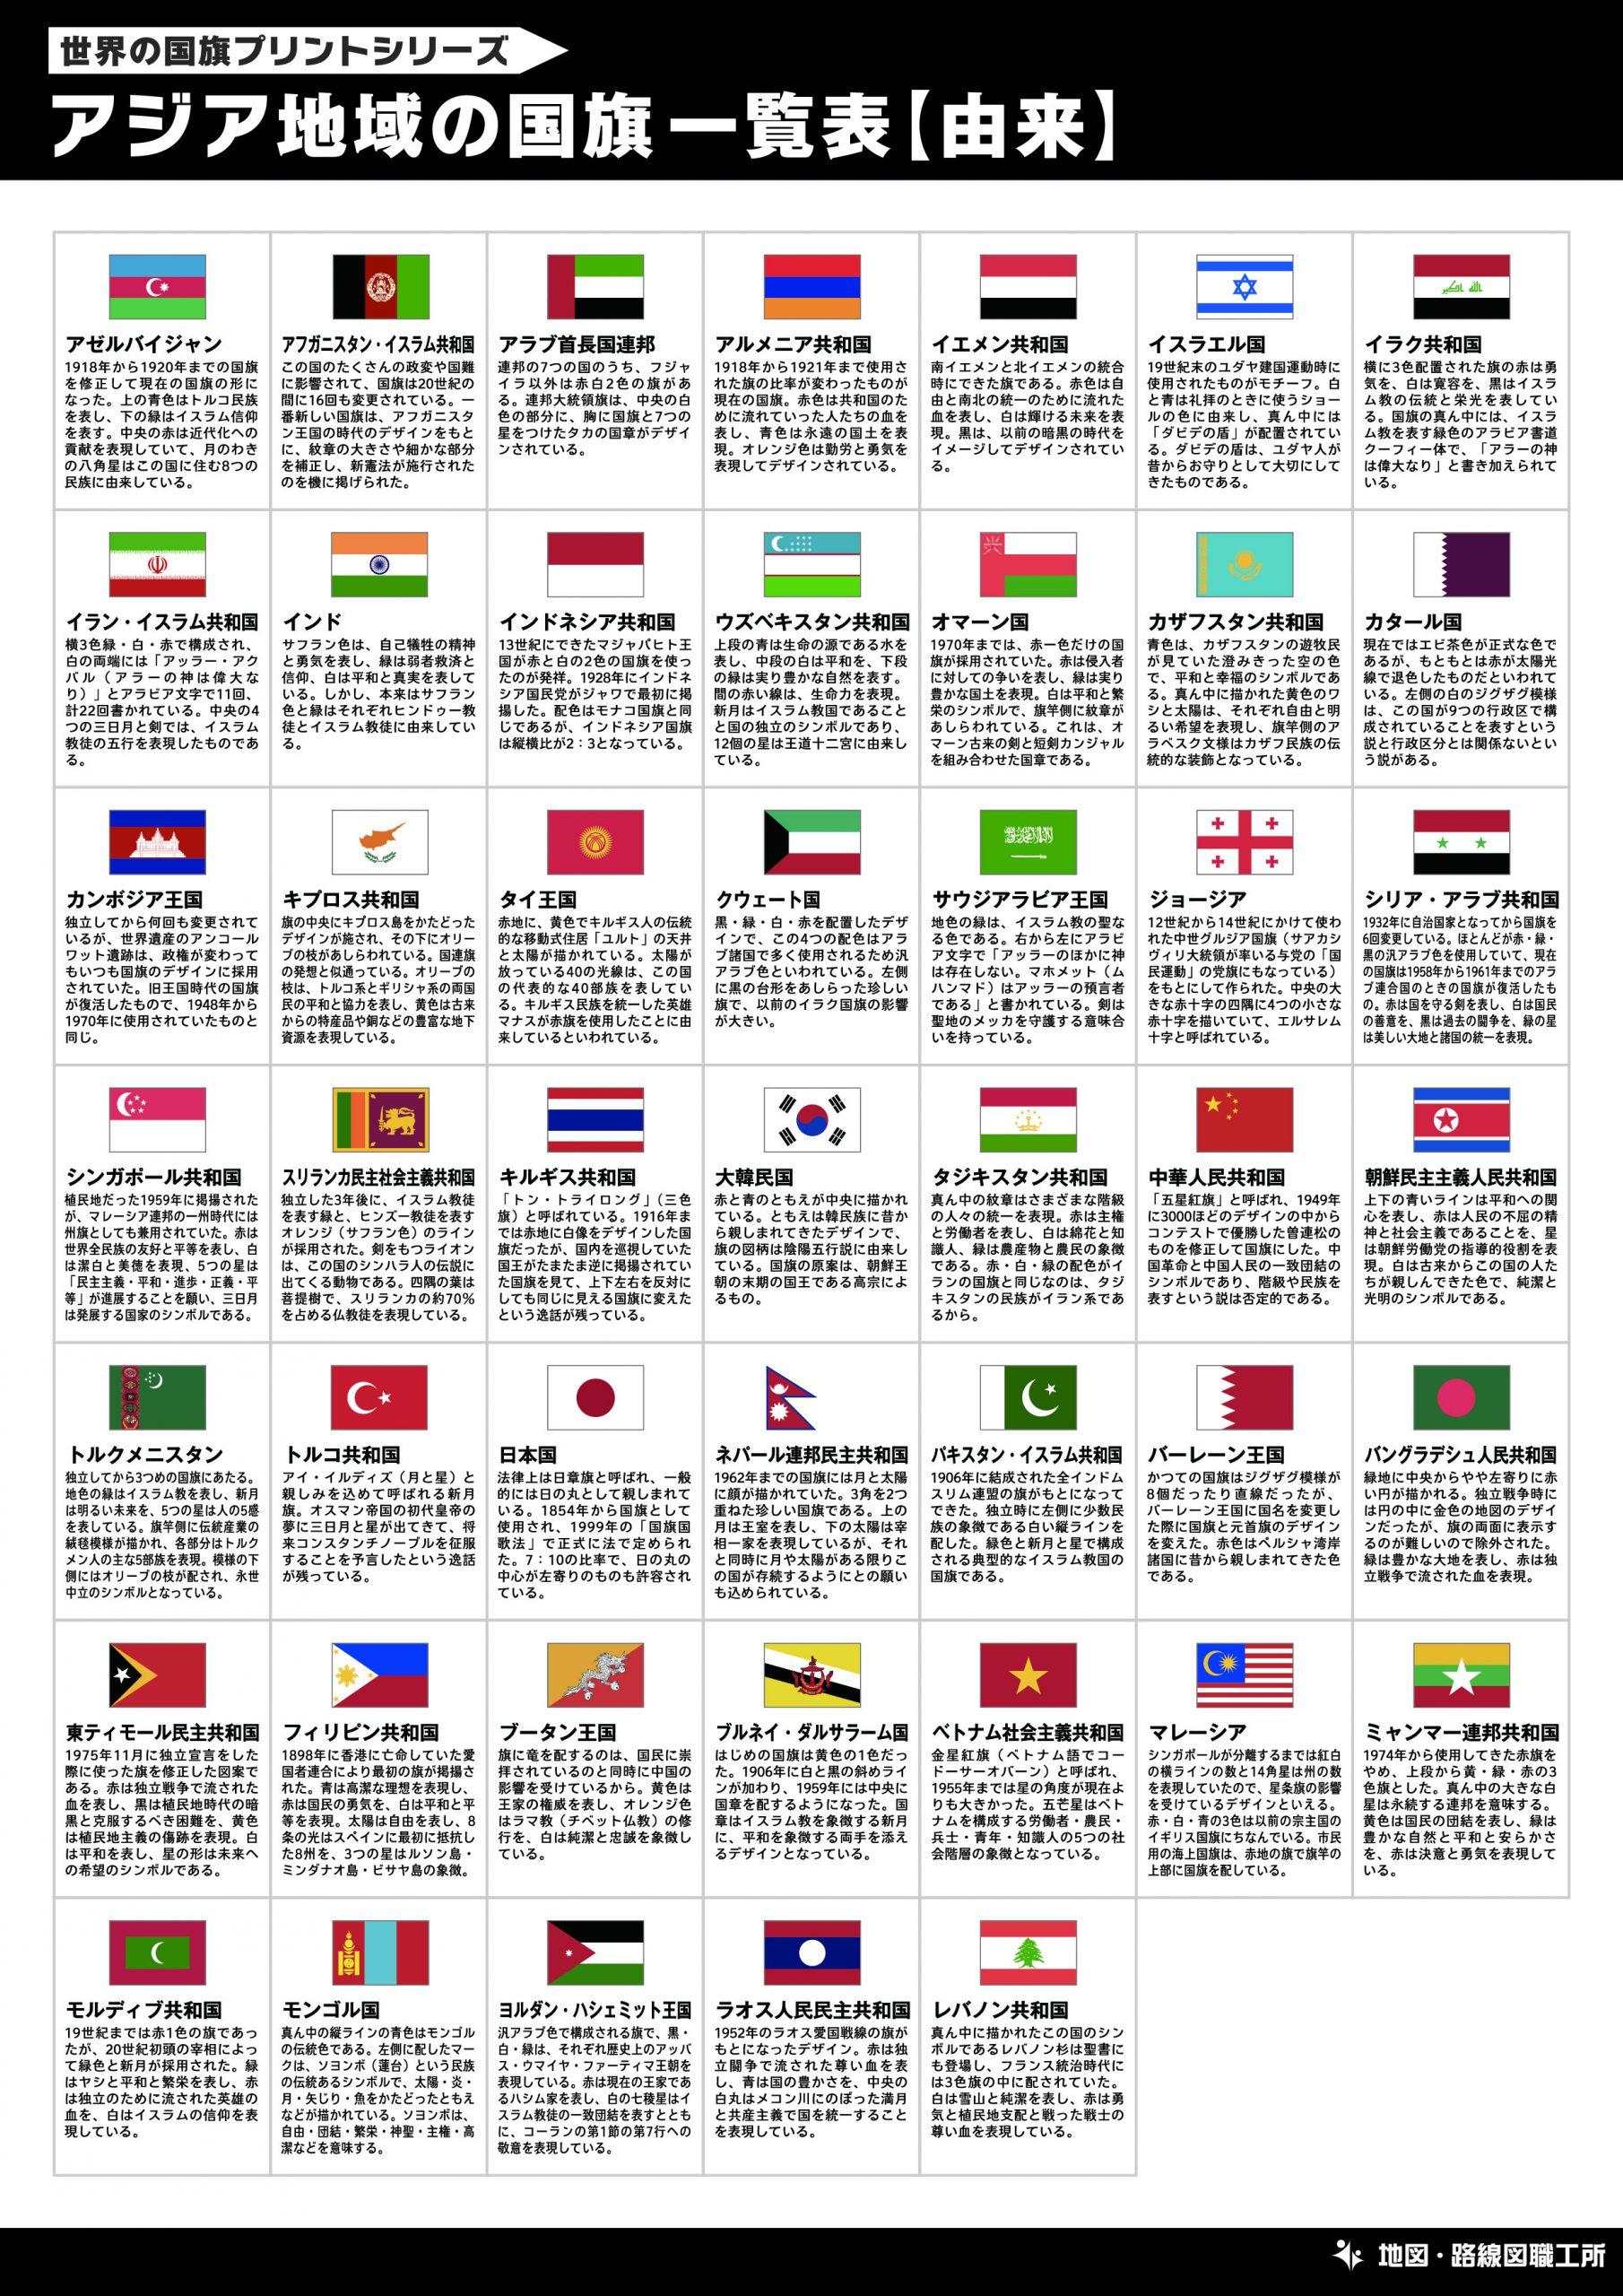 アジア地域の国旗一覧表【由来】